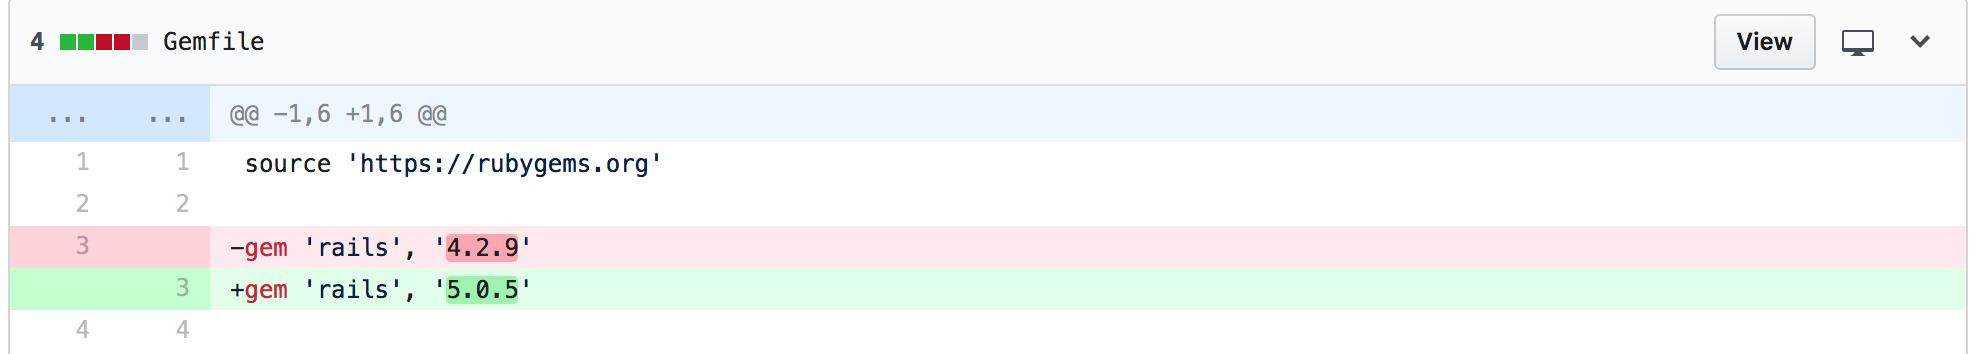 スクリーンショット 2017-10-04 11.52.25.png (50.5 kB)